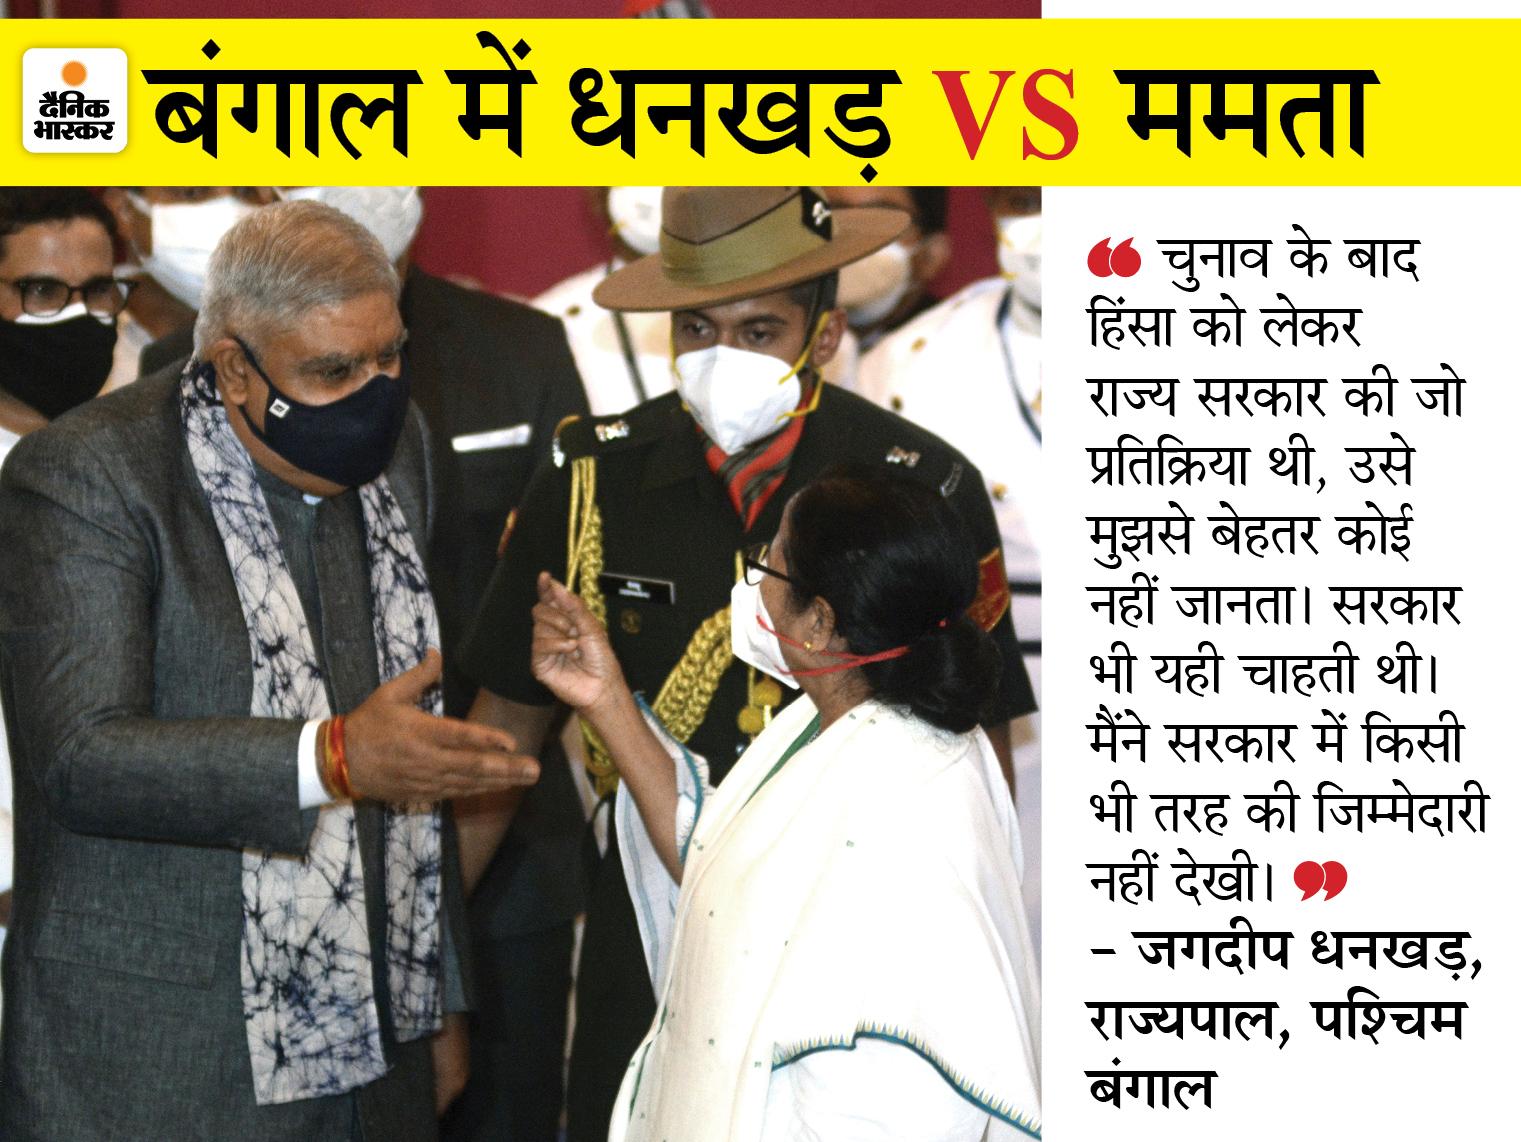 धनखड़ ने कहा- बंगाल में संविधान खत्म; रात में मुझे हिंसा की खबरें मिलती हैं, सुबह सब ठीक बताया जाता है|देश,National - Dainik Bhaskar